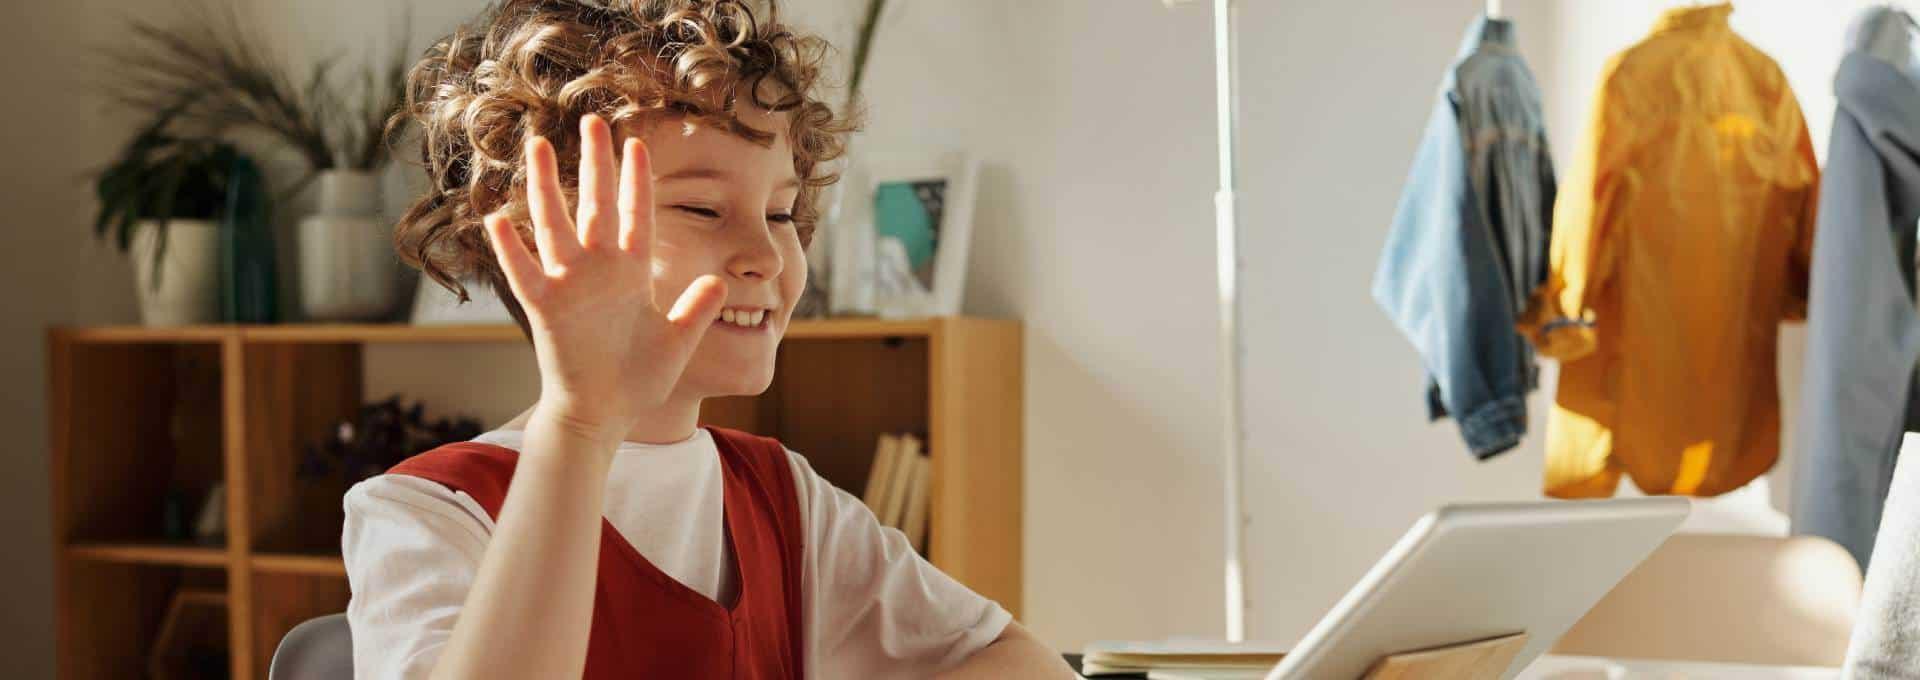 Dank Kindersicherung können Kinder sicher im Internet surfen